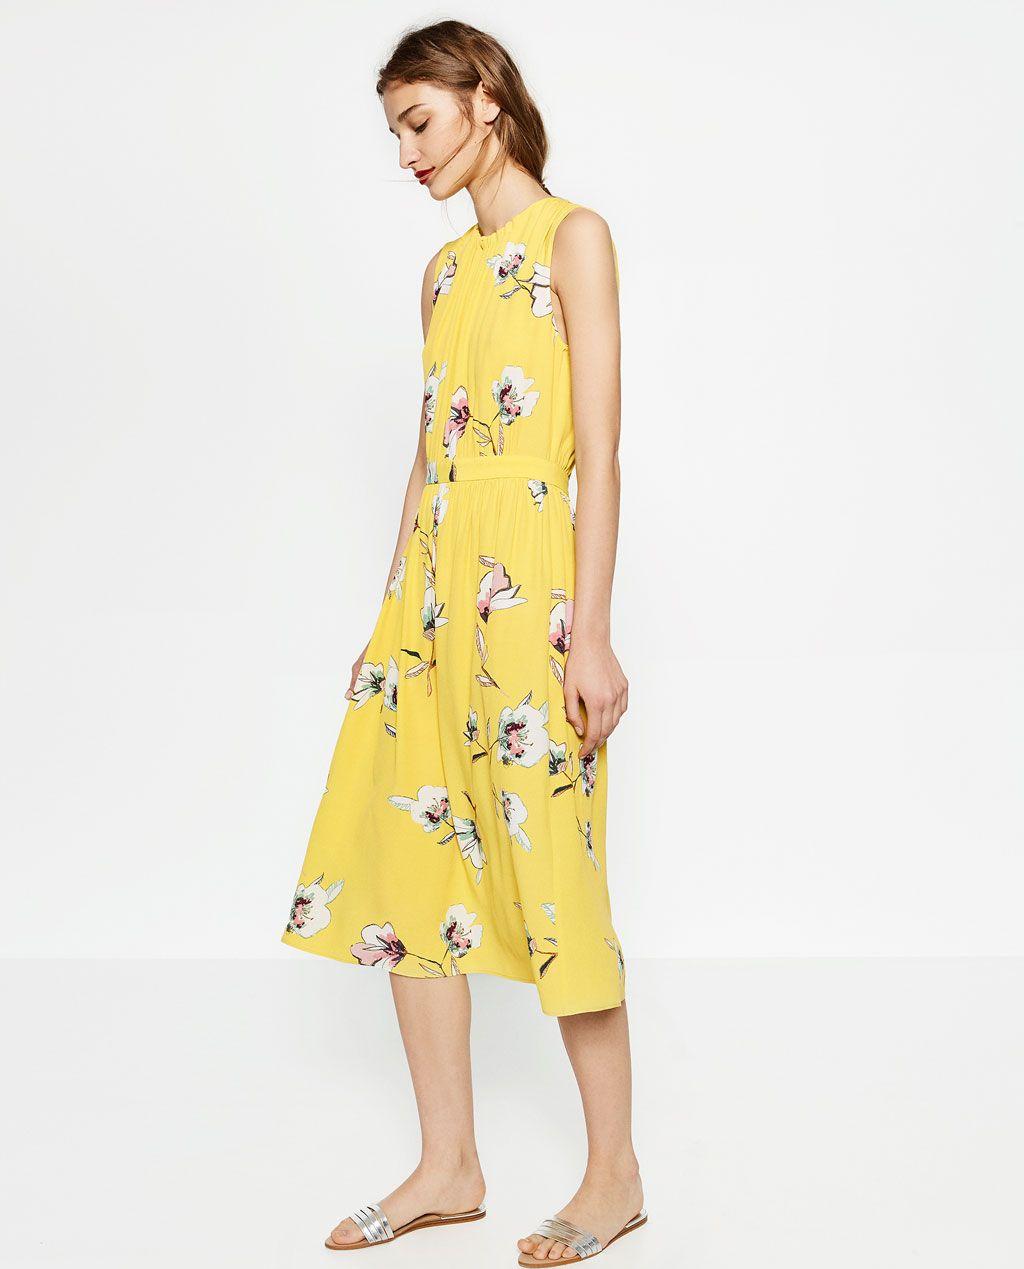 e4f7bc83c23 MULTICOLOURED STRIPED DRESS-View All-DRESSES-WOMAN | ZARA United States